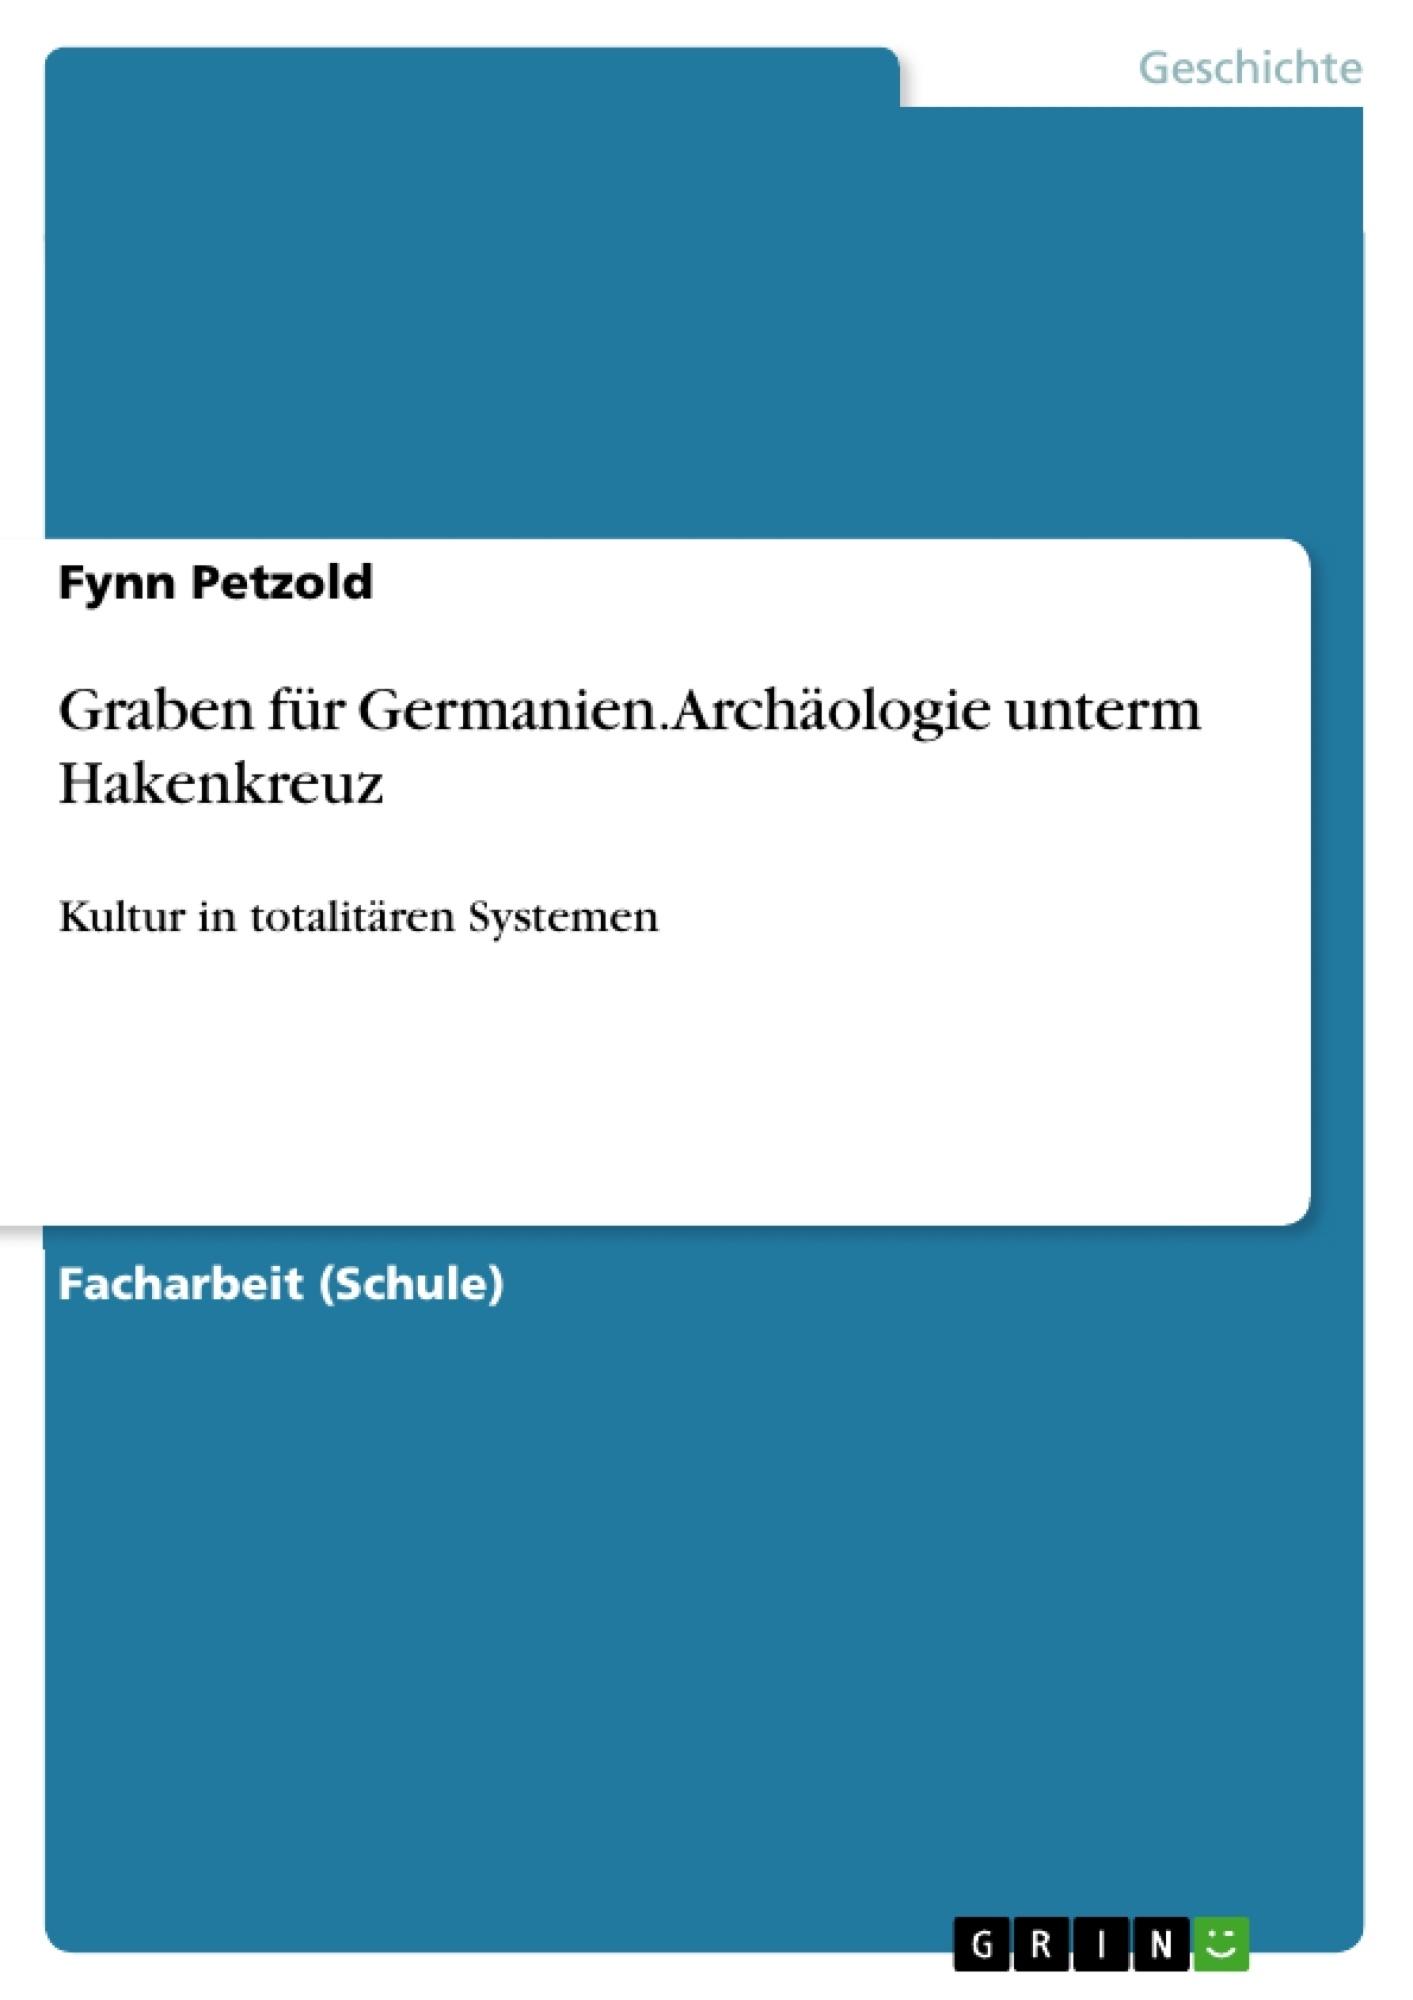 Titel: Graben für Germanien. Archäologie unterm Hakenkreuz